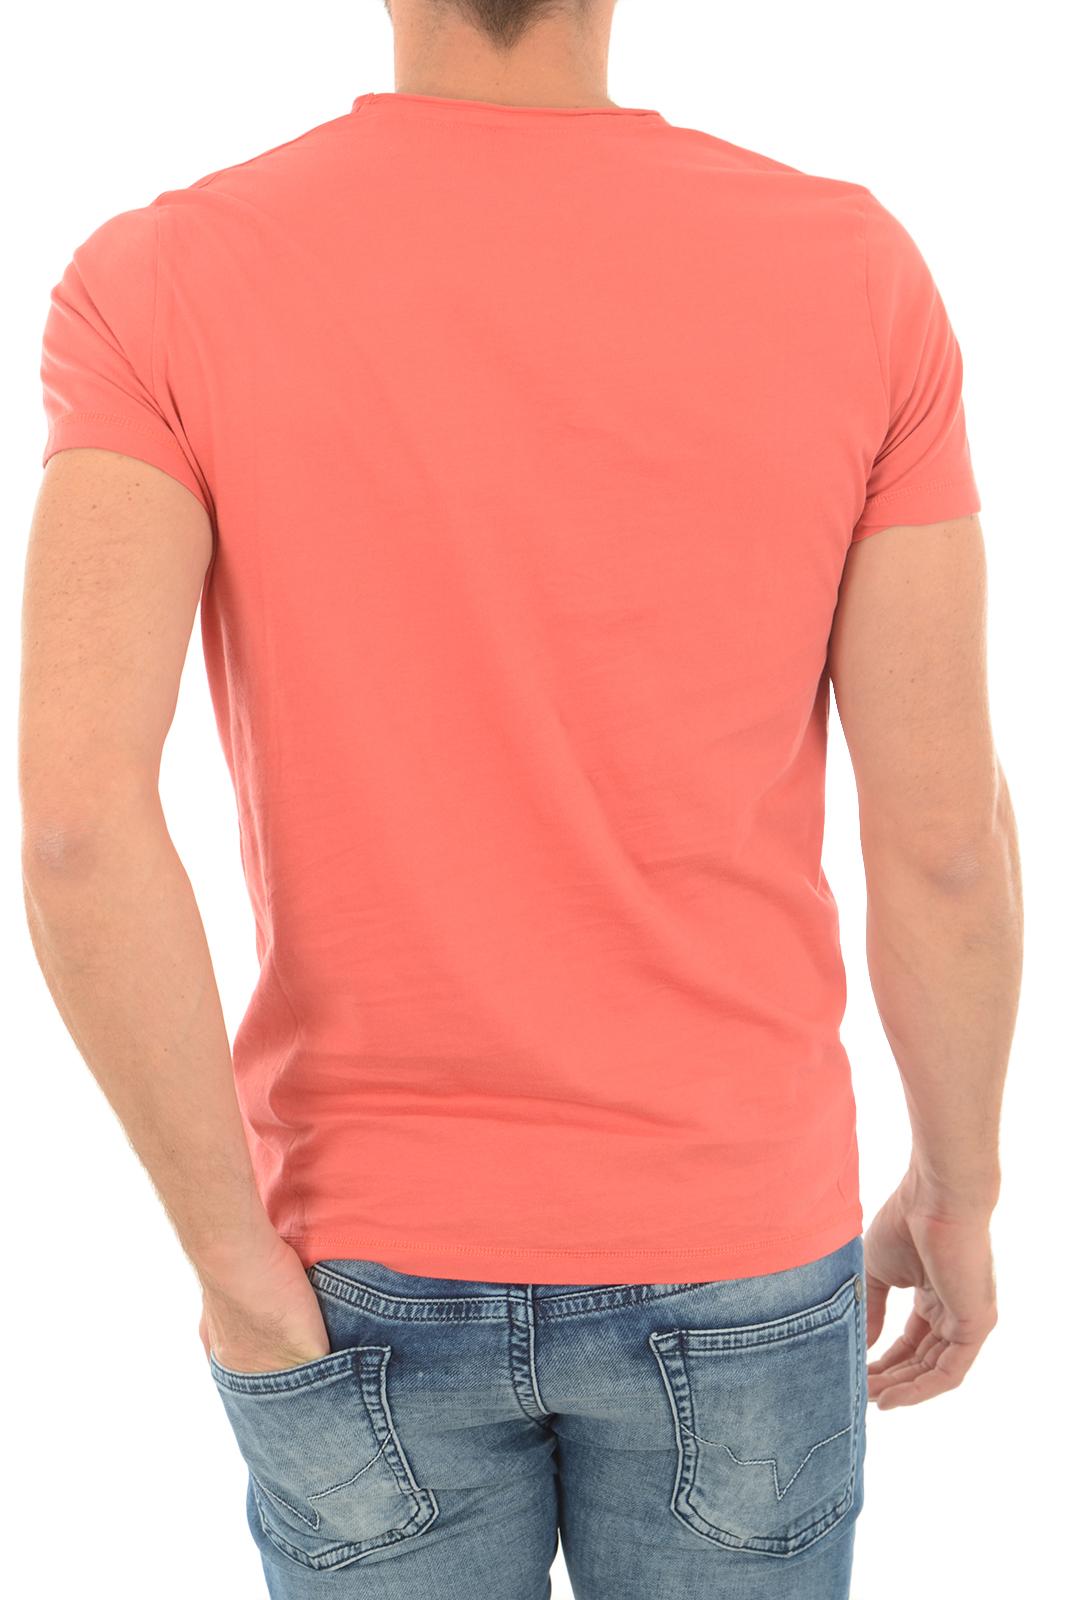 Tee-shirts  Pepe jeans PM502293 LUKE 213 JAM